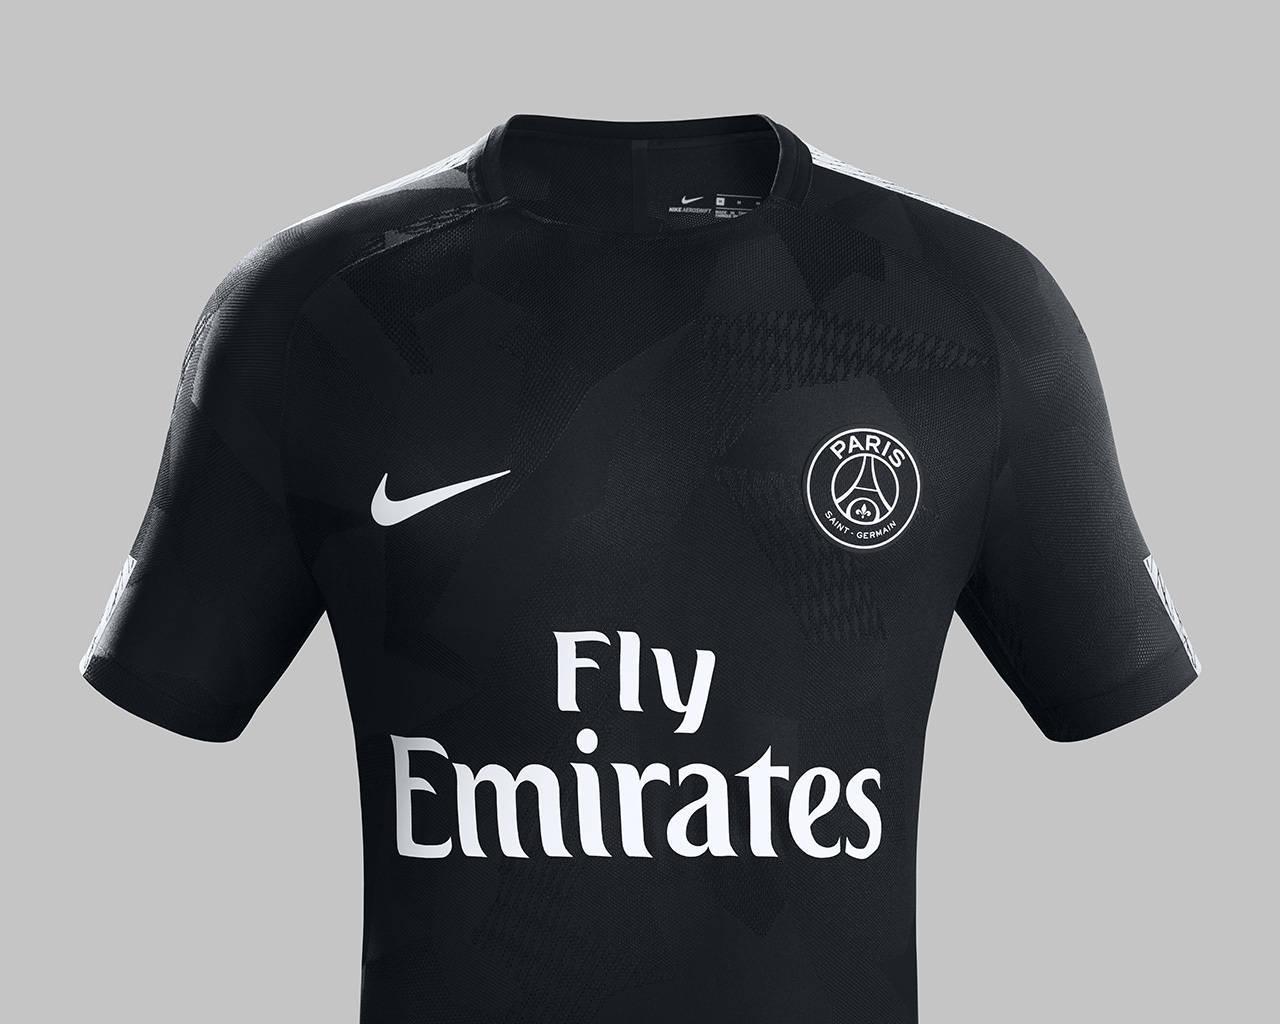 PSG lança nova terceira camisa com Neymar e Mbappé de modelos - Esportes -  R7 Futebol d6e58b24b600d